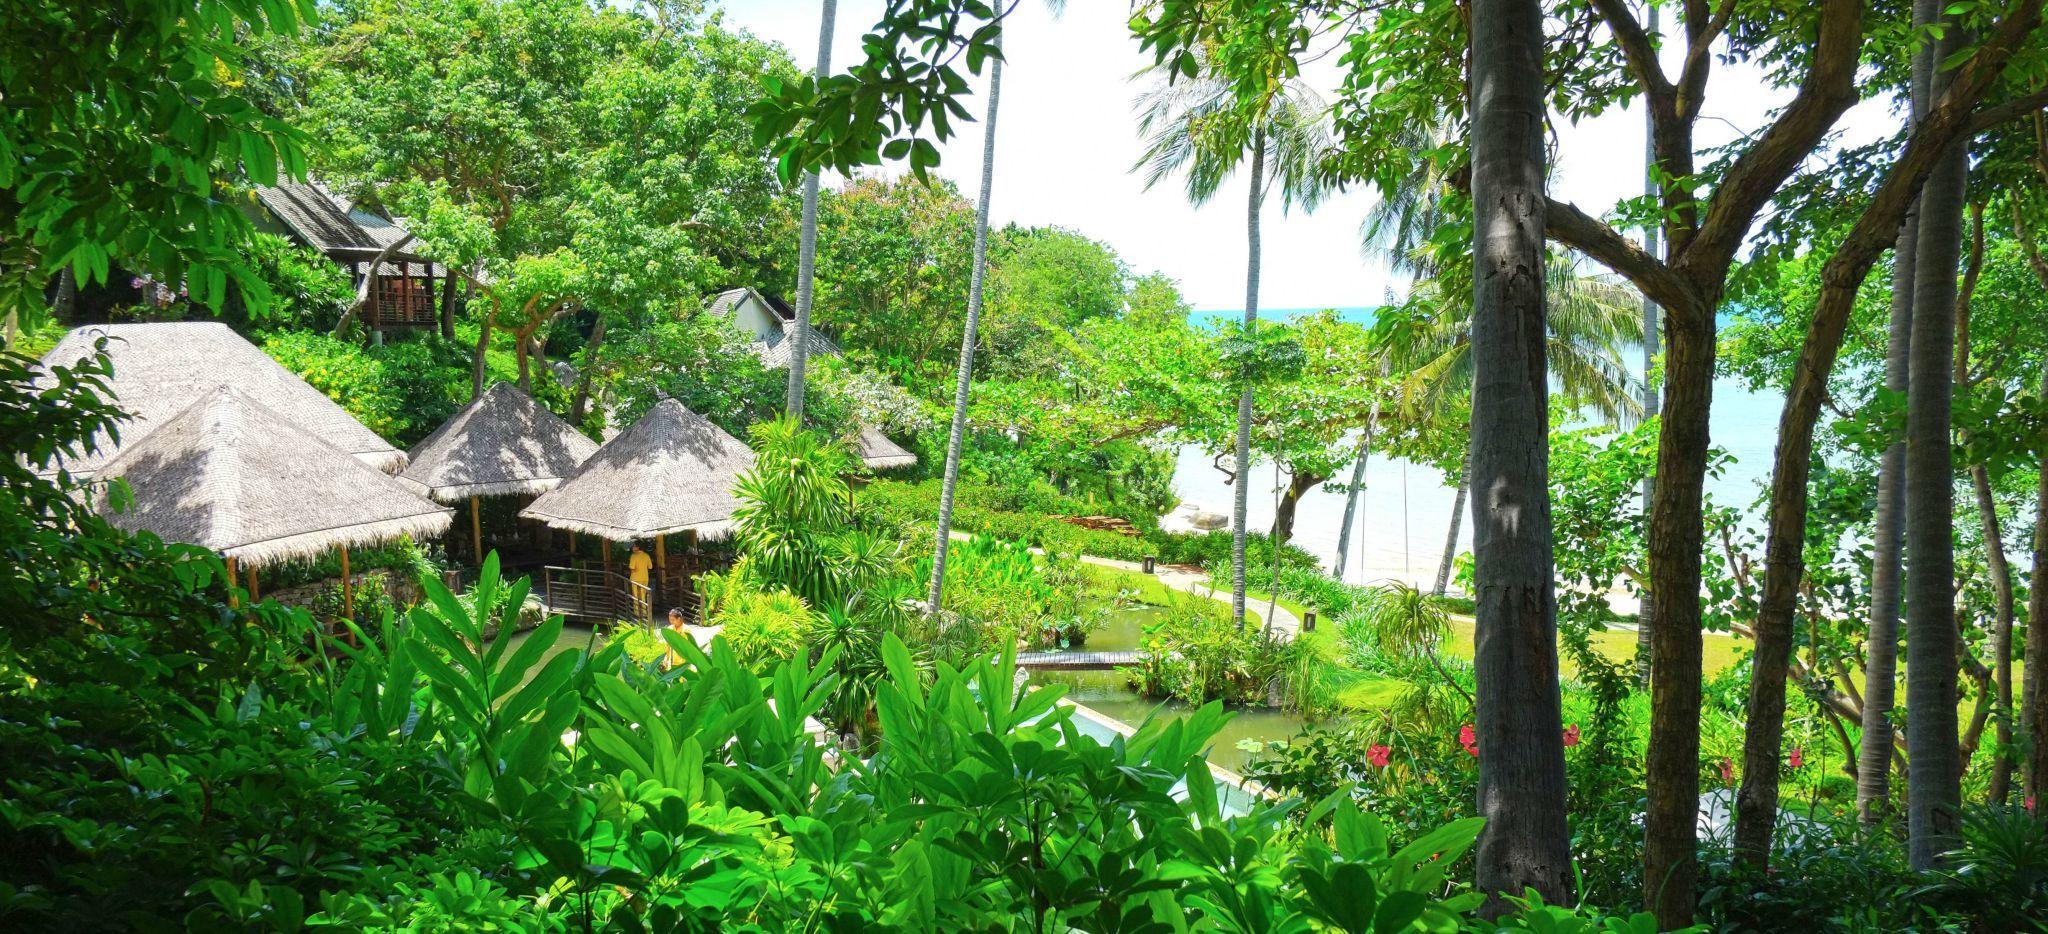 Dschungel und vereinzelte Häuser im Hotel Kamalaya auf Koh Samui, Thailand